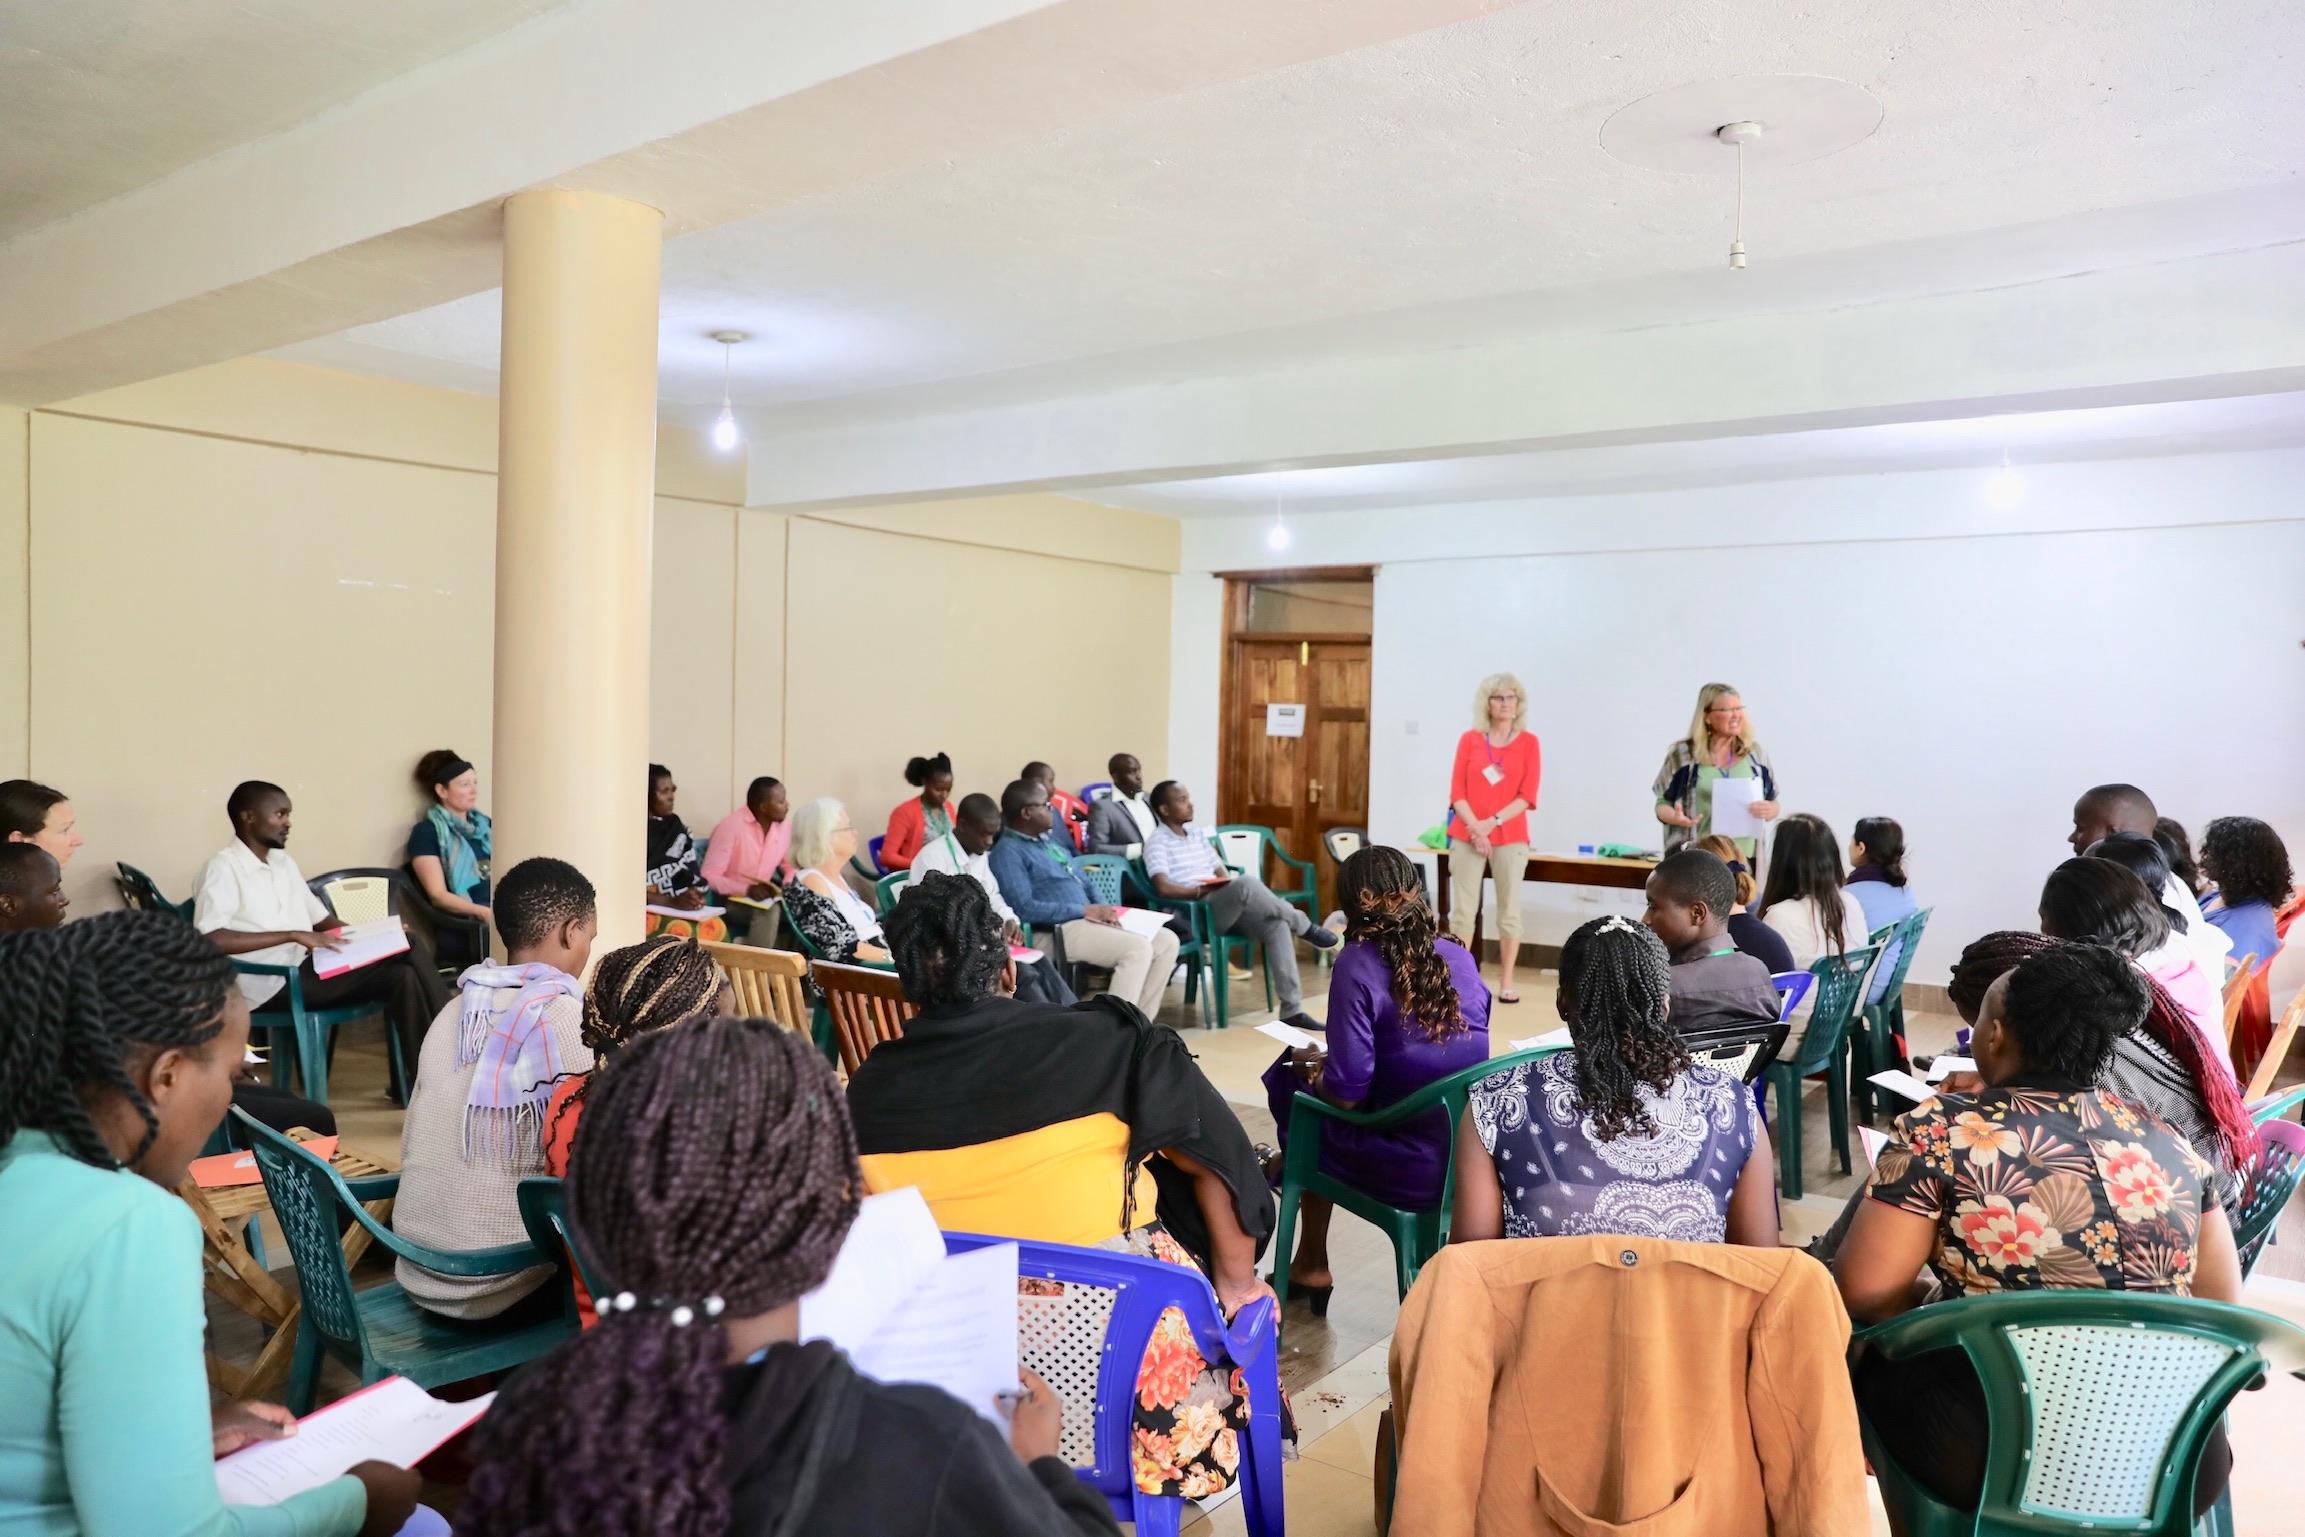 Medical Volunteer in Africa